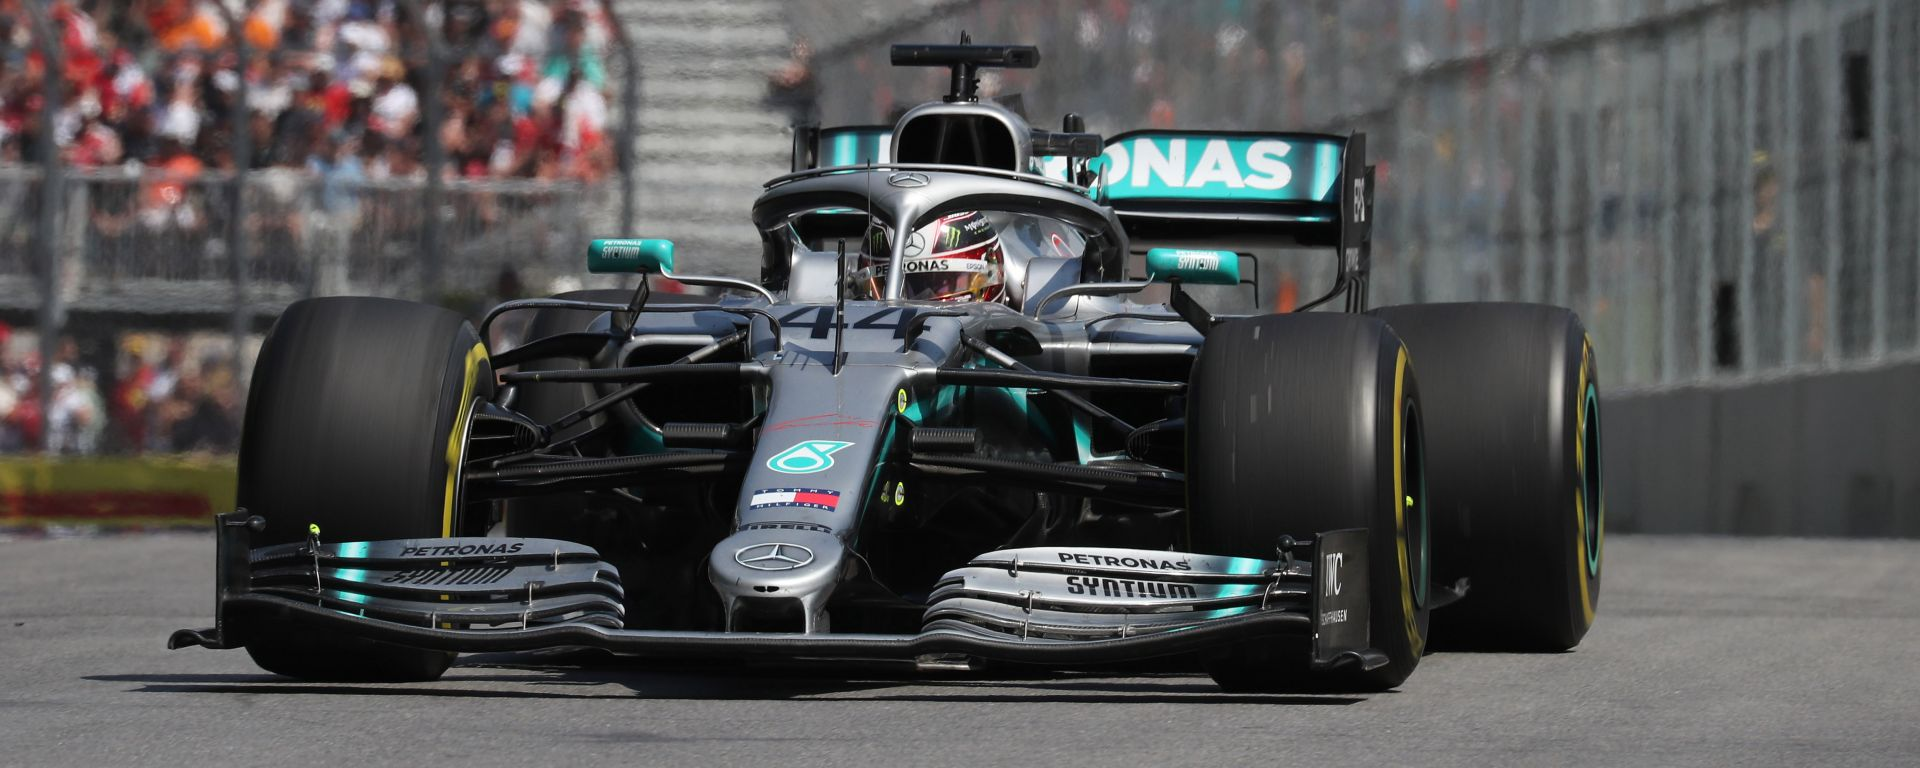 """Hamilton vince grazie agli steward: """"Ho evitato io il contatto"""""""